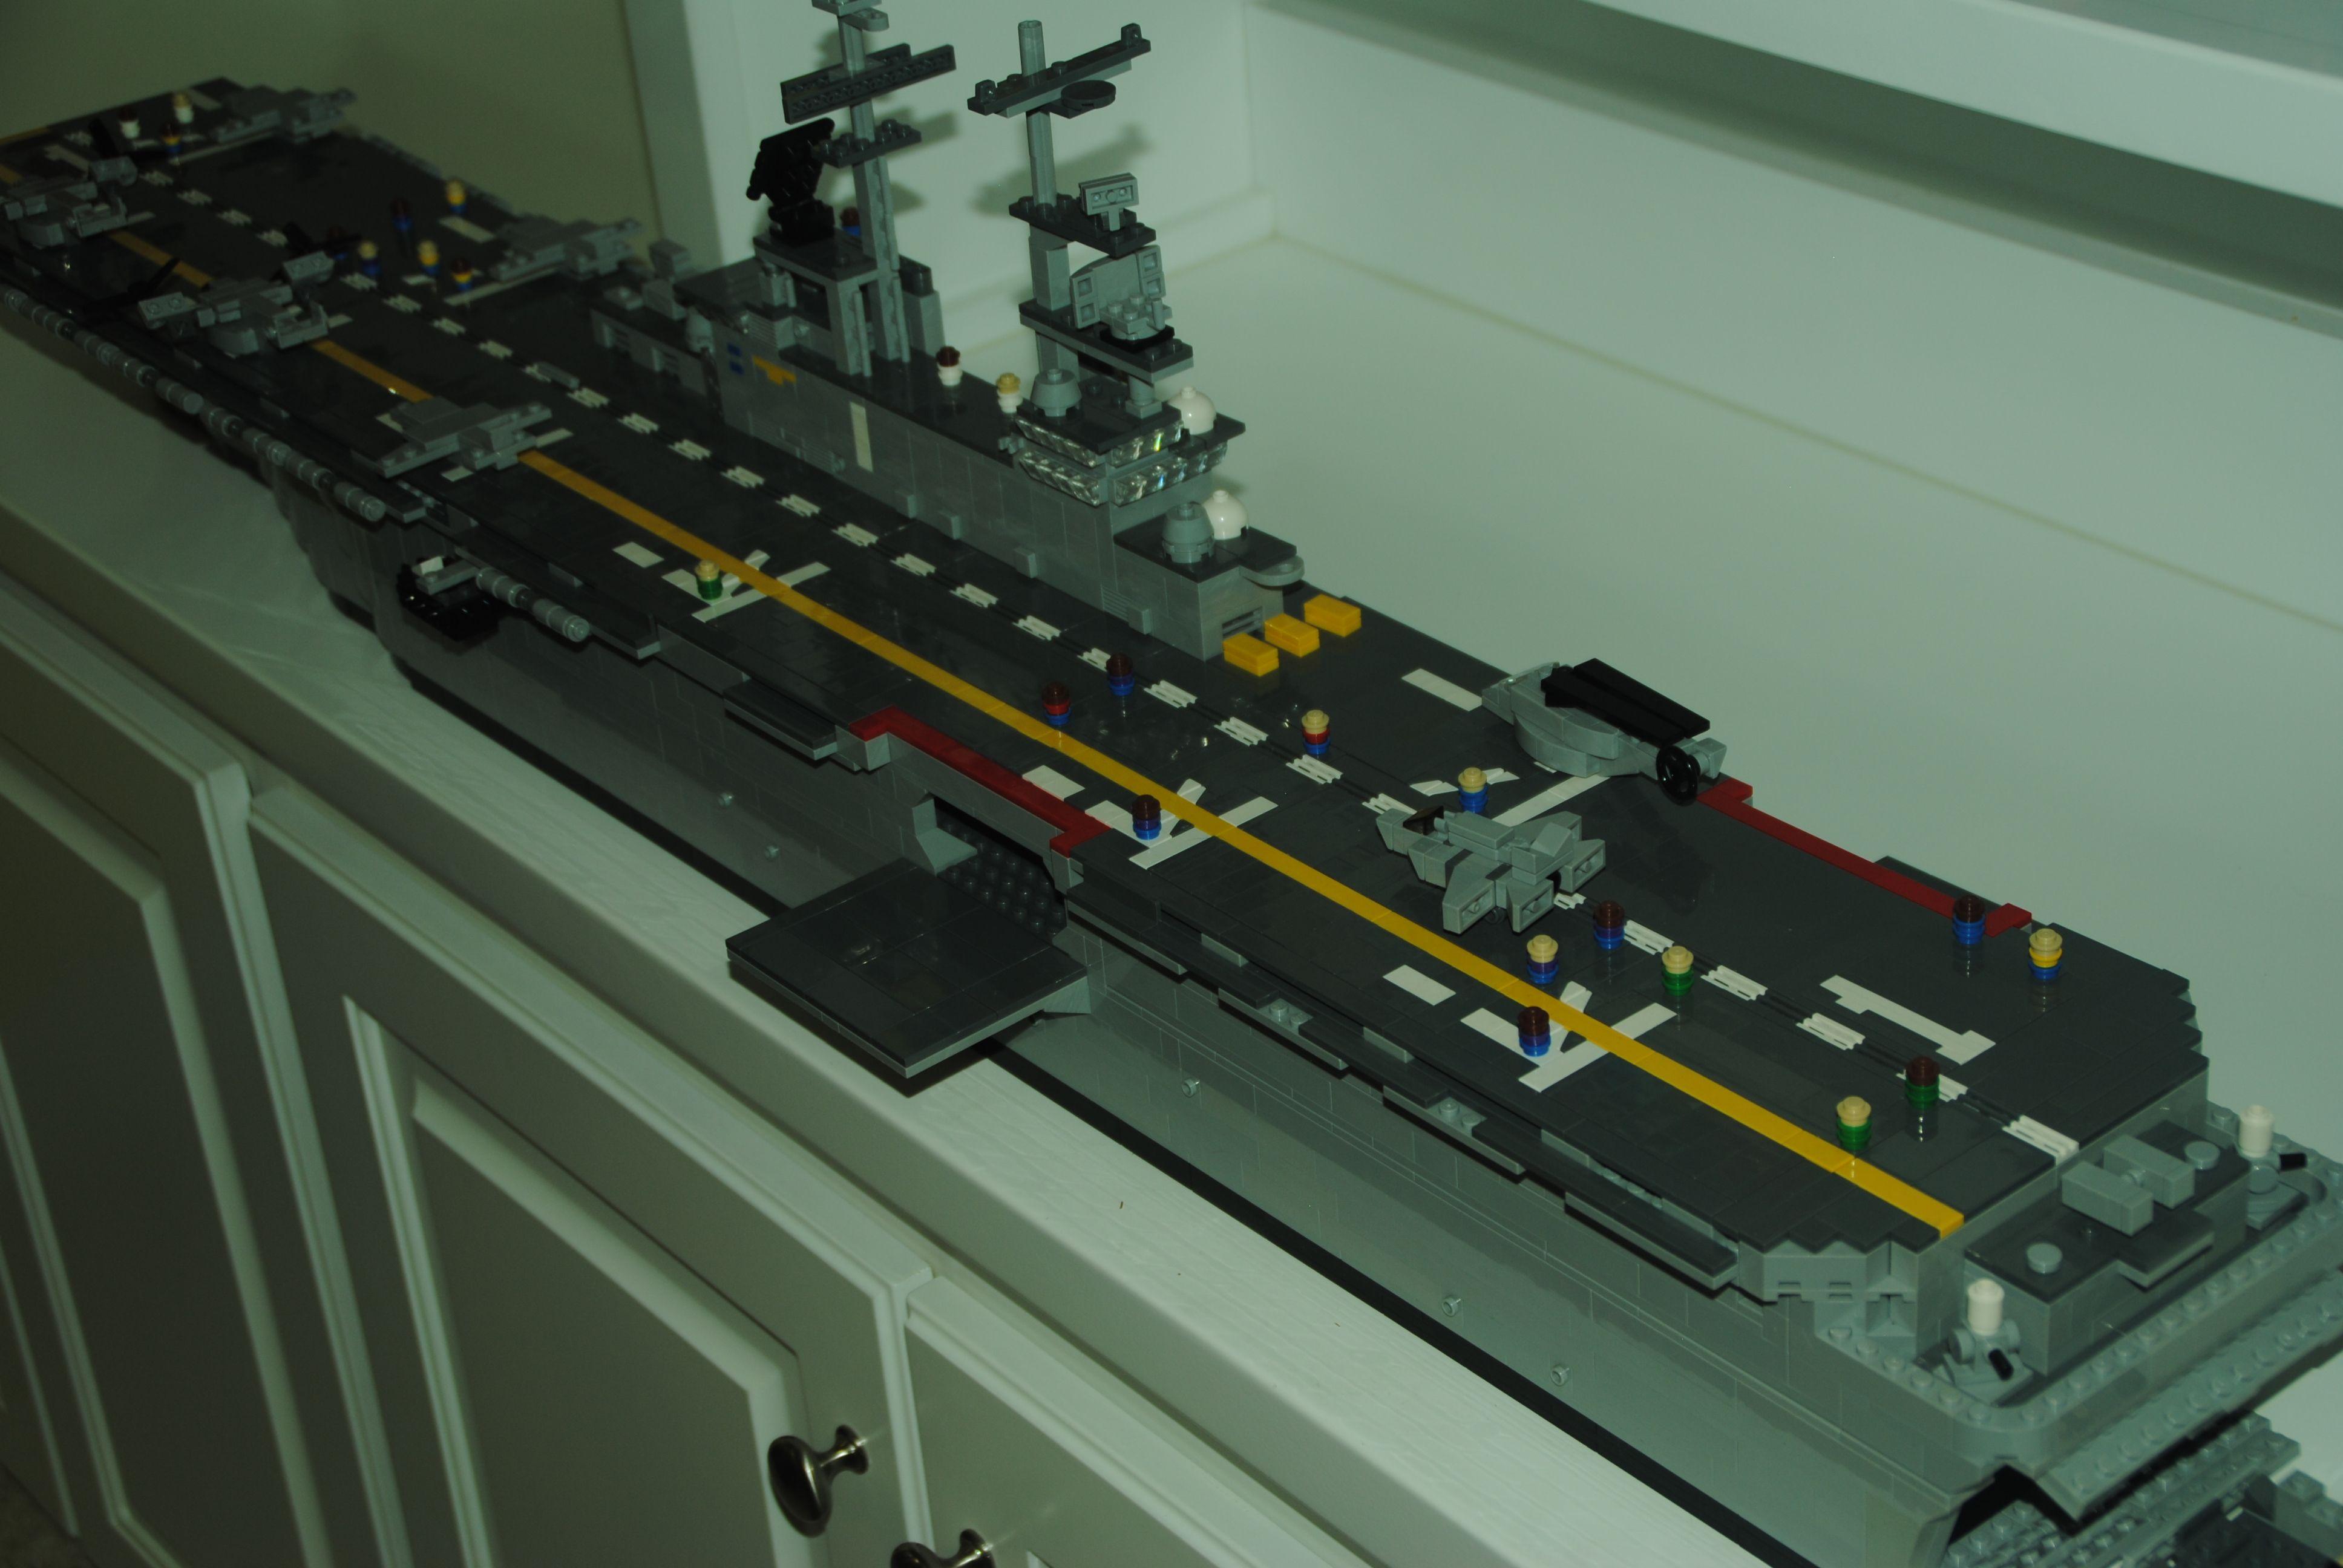 LHD-1